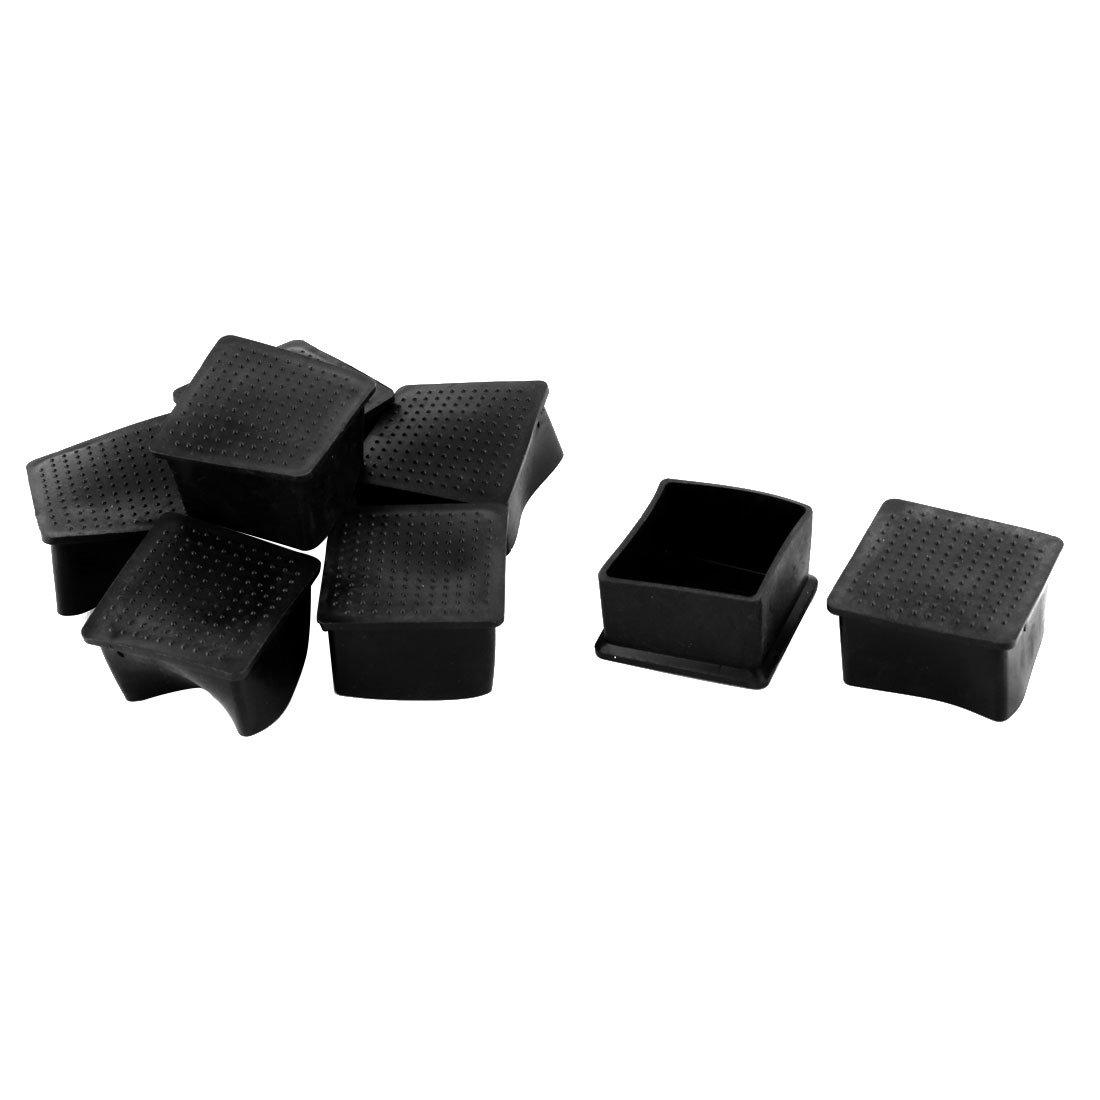 sourcingmap® Famiglia mobili in gomma piede coperchio protettivo Cuscinetto nero Coperture 50mm x 50mm 8 pz SYNCFHK011332